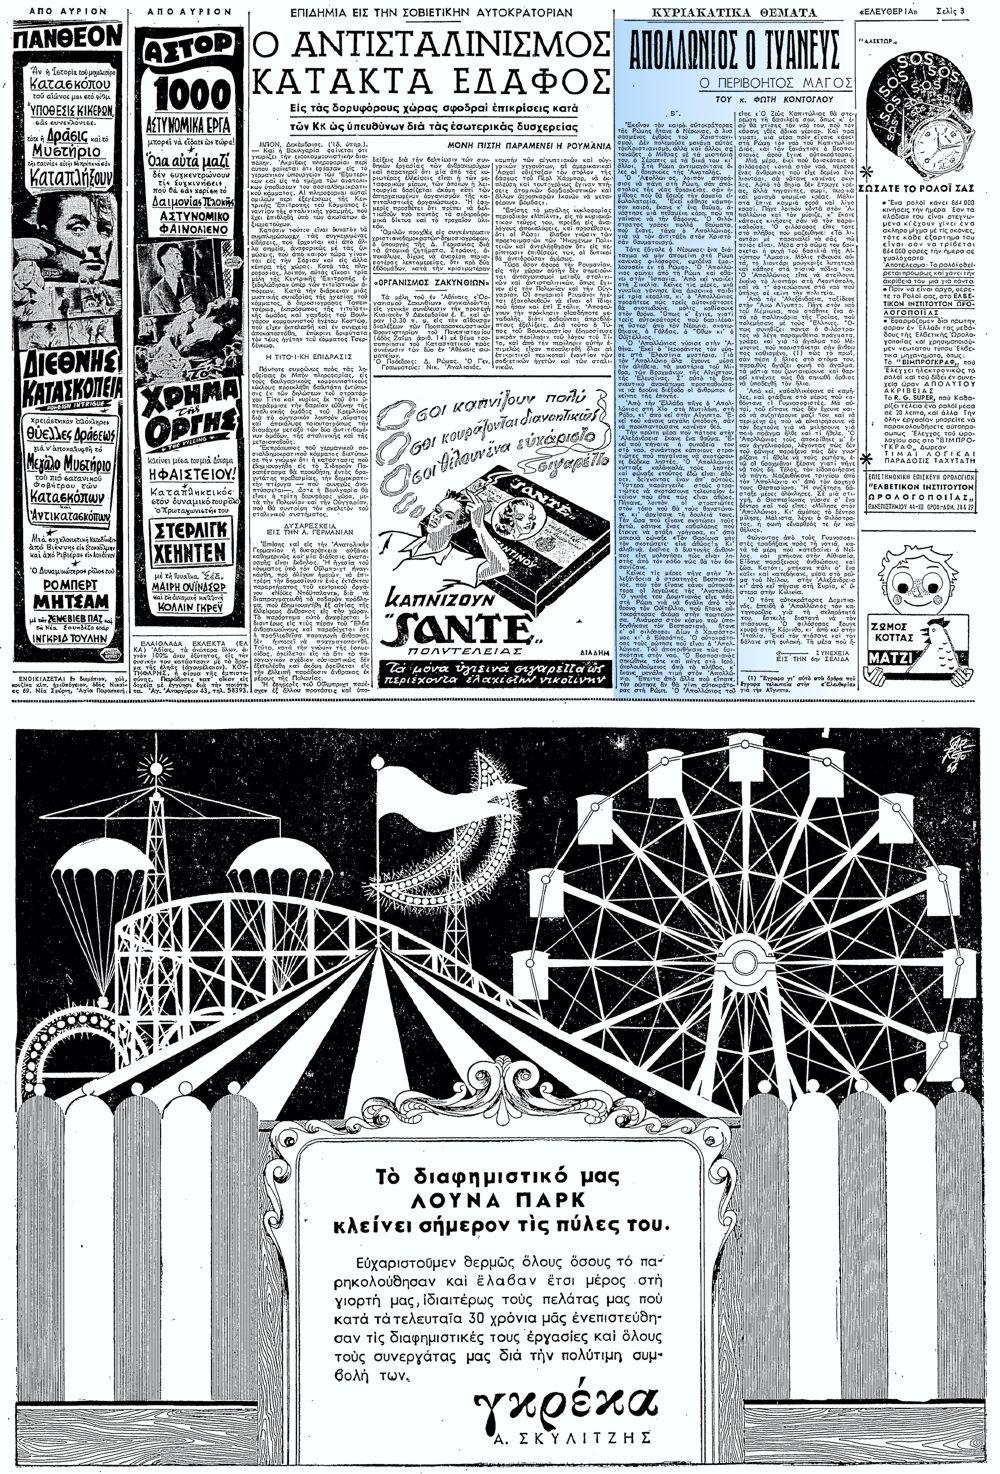 """Το άρθρο, όπως δημοσιεύθηκε στην εφημερίδα """"ΕΛΕΥΘΕΡΙΑ"""", στις 02/12/1956"""